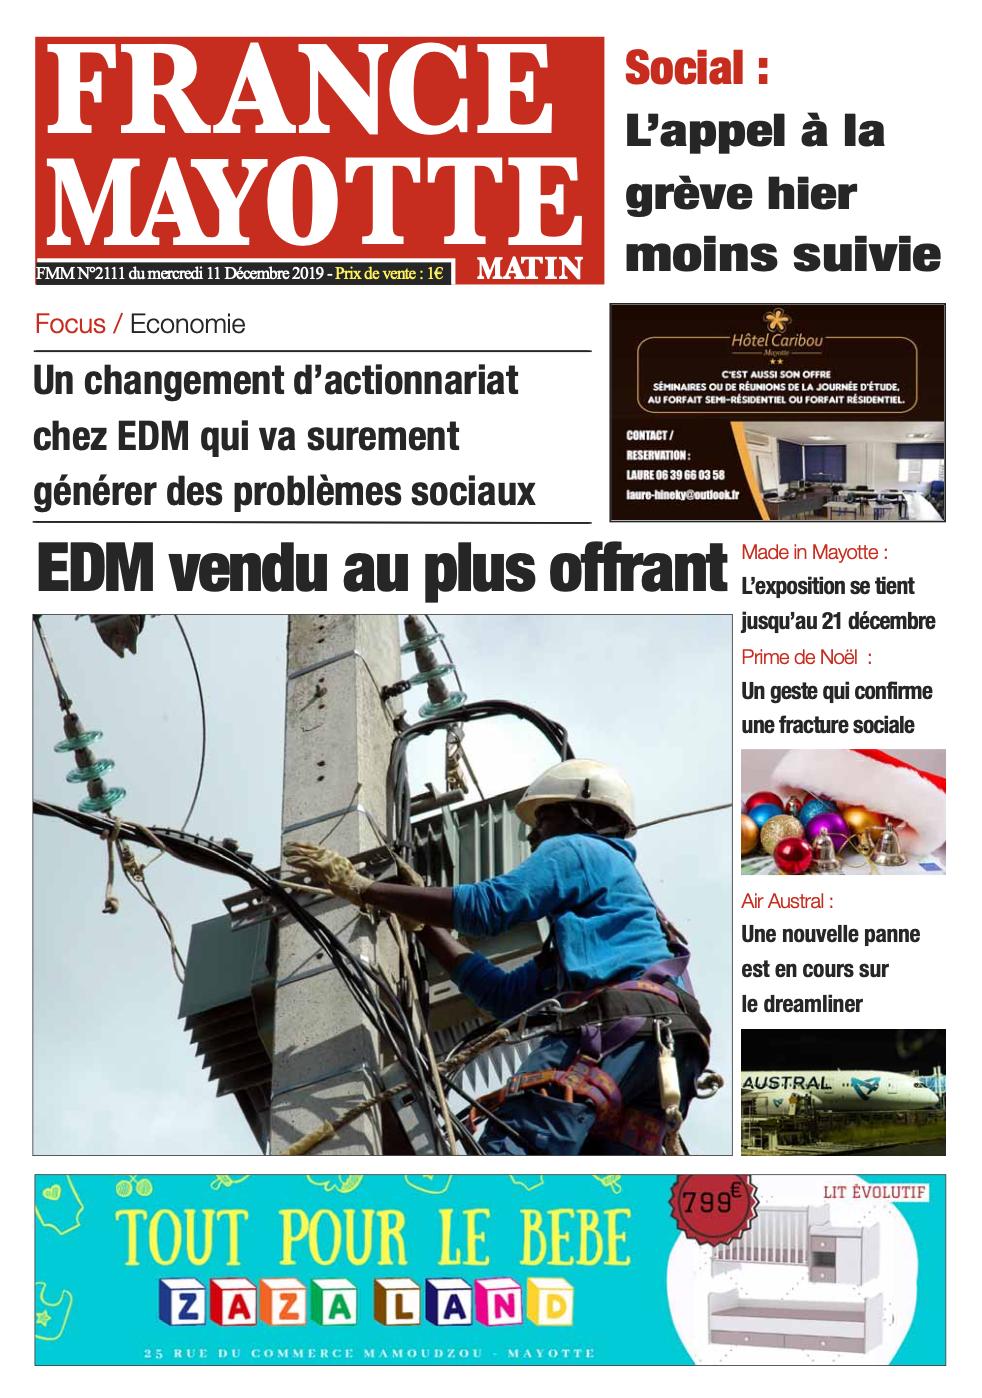 France Mayotte Mercredi 11 décembre 2019